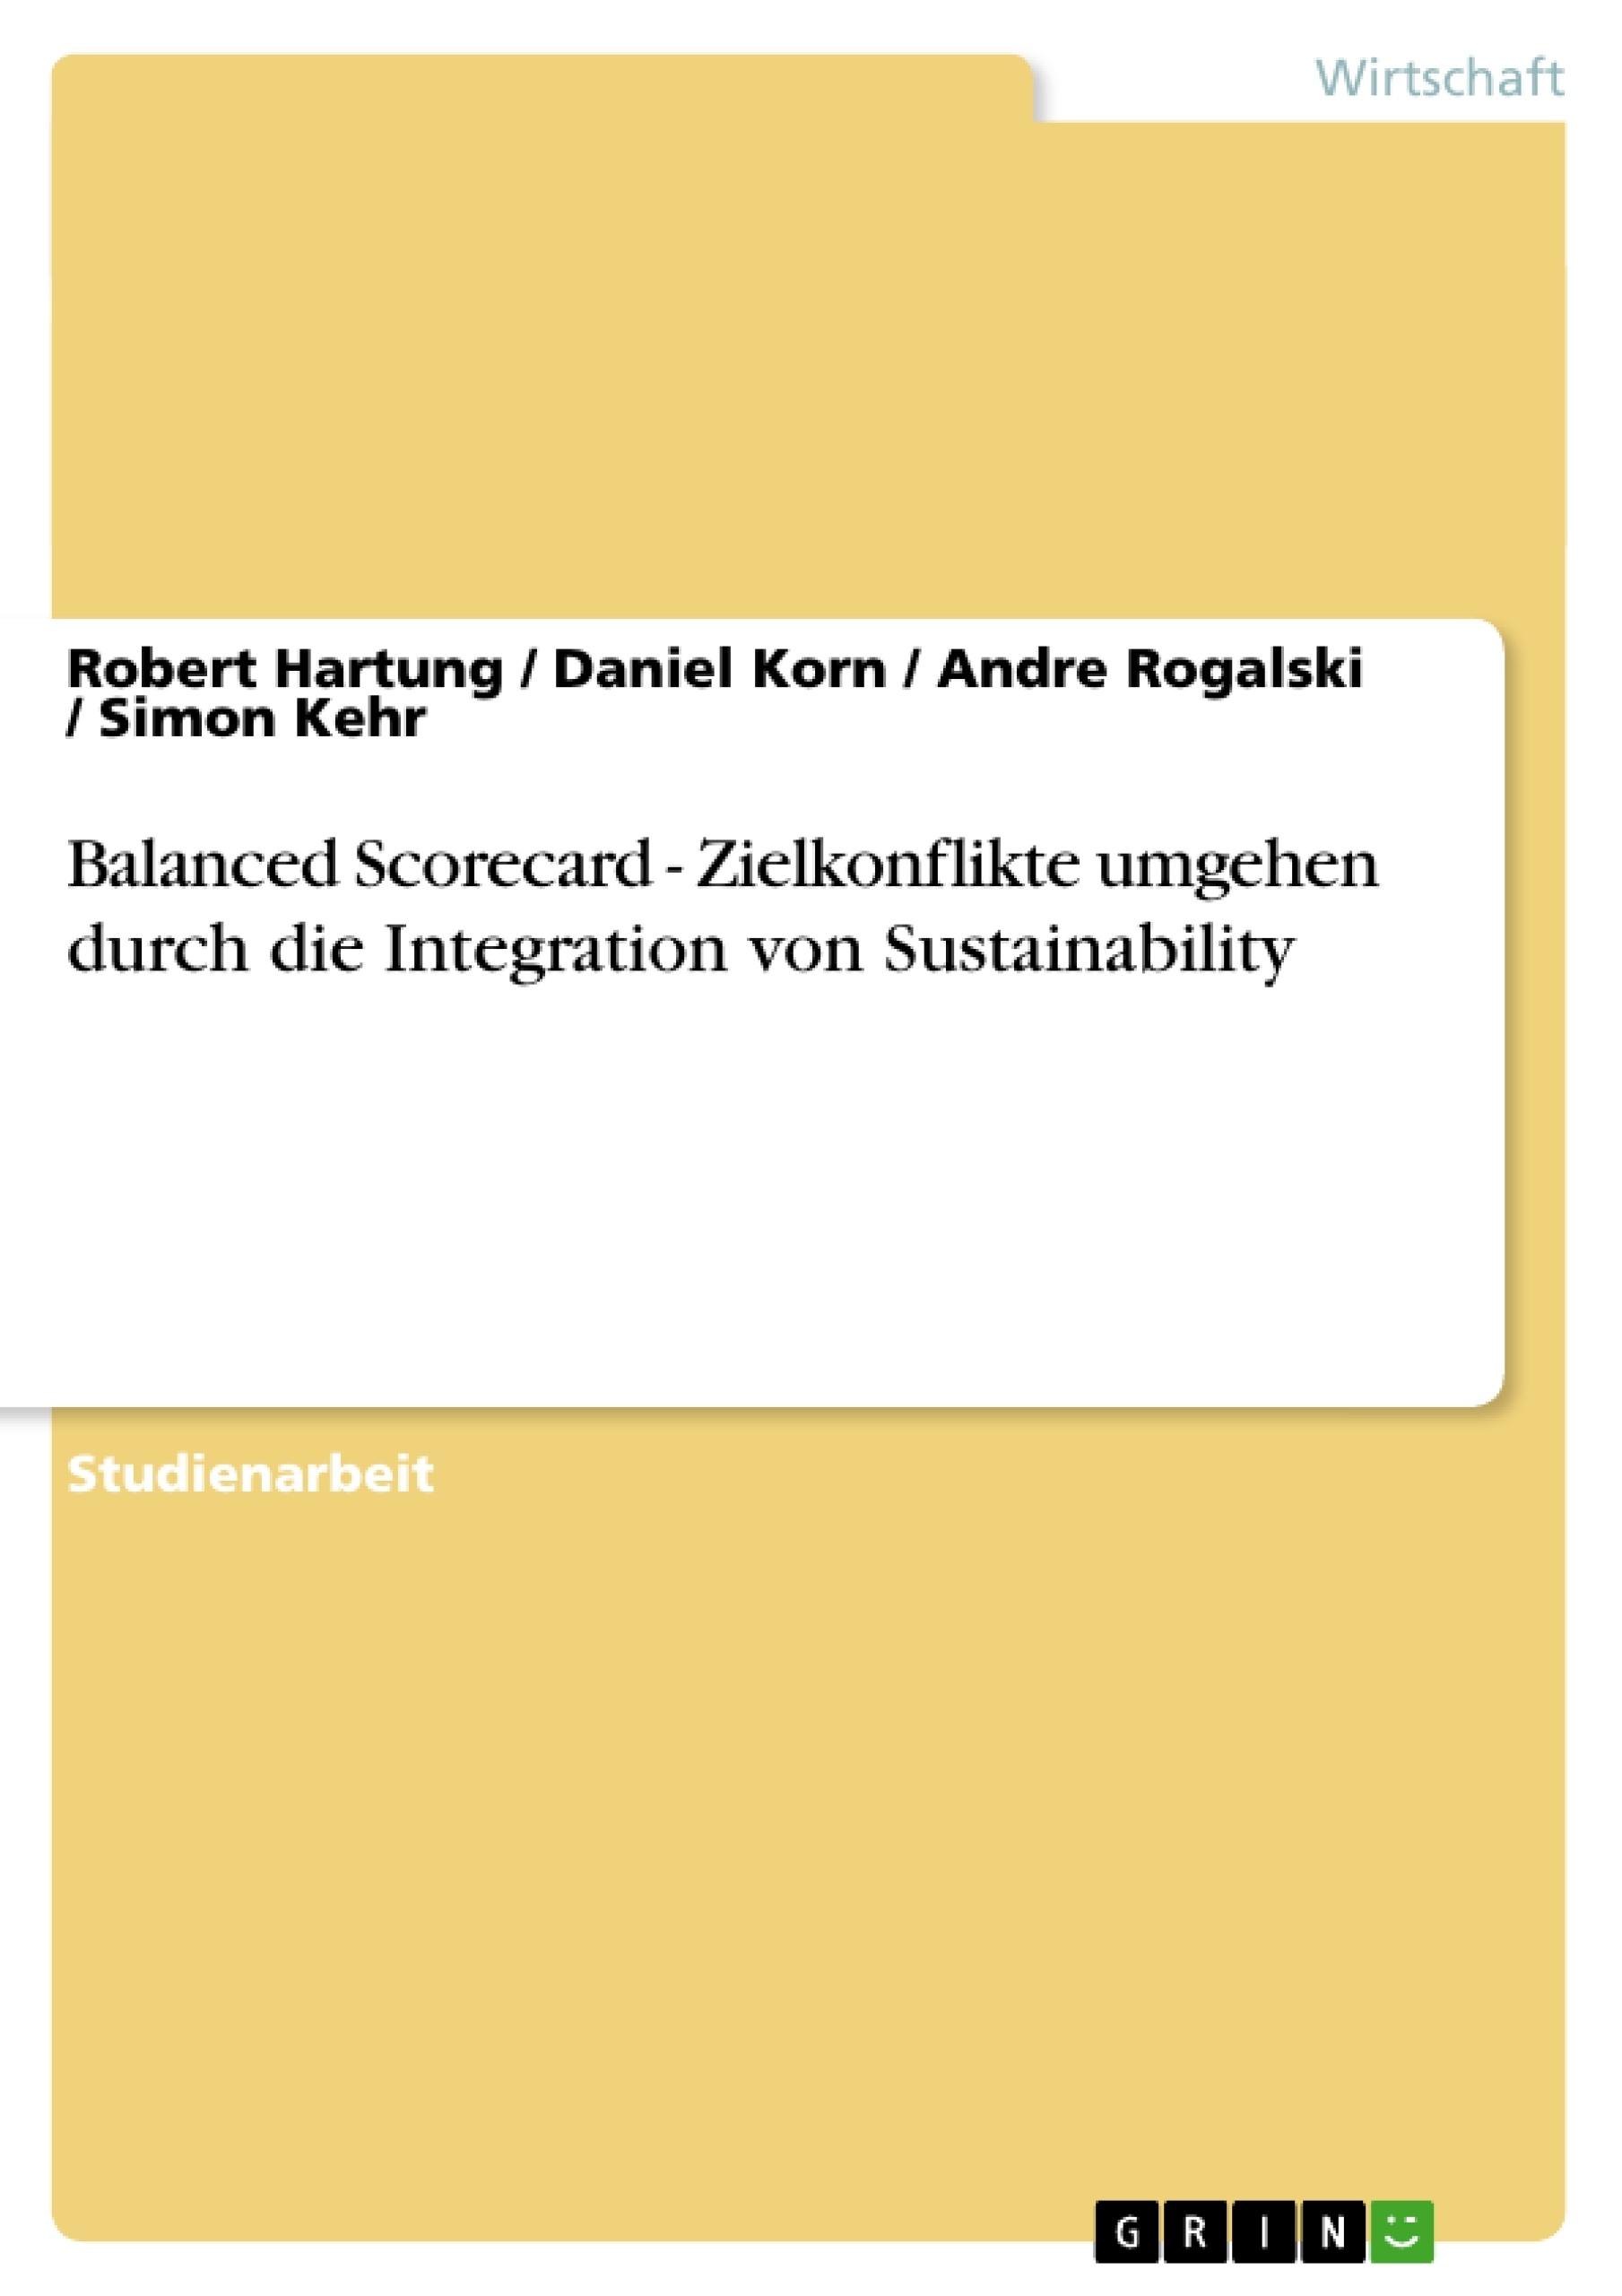 Titel: Balanced Scorecard - Zielkonflikte umgehen durch die Integration von Sustainability